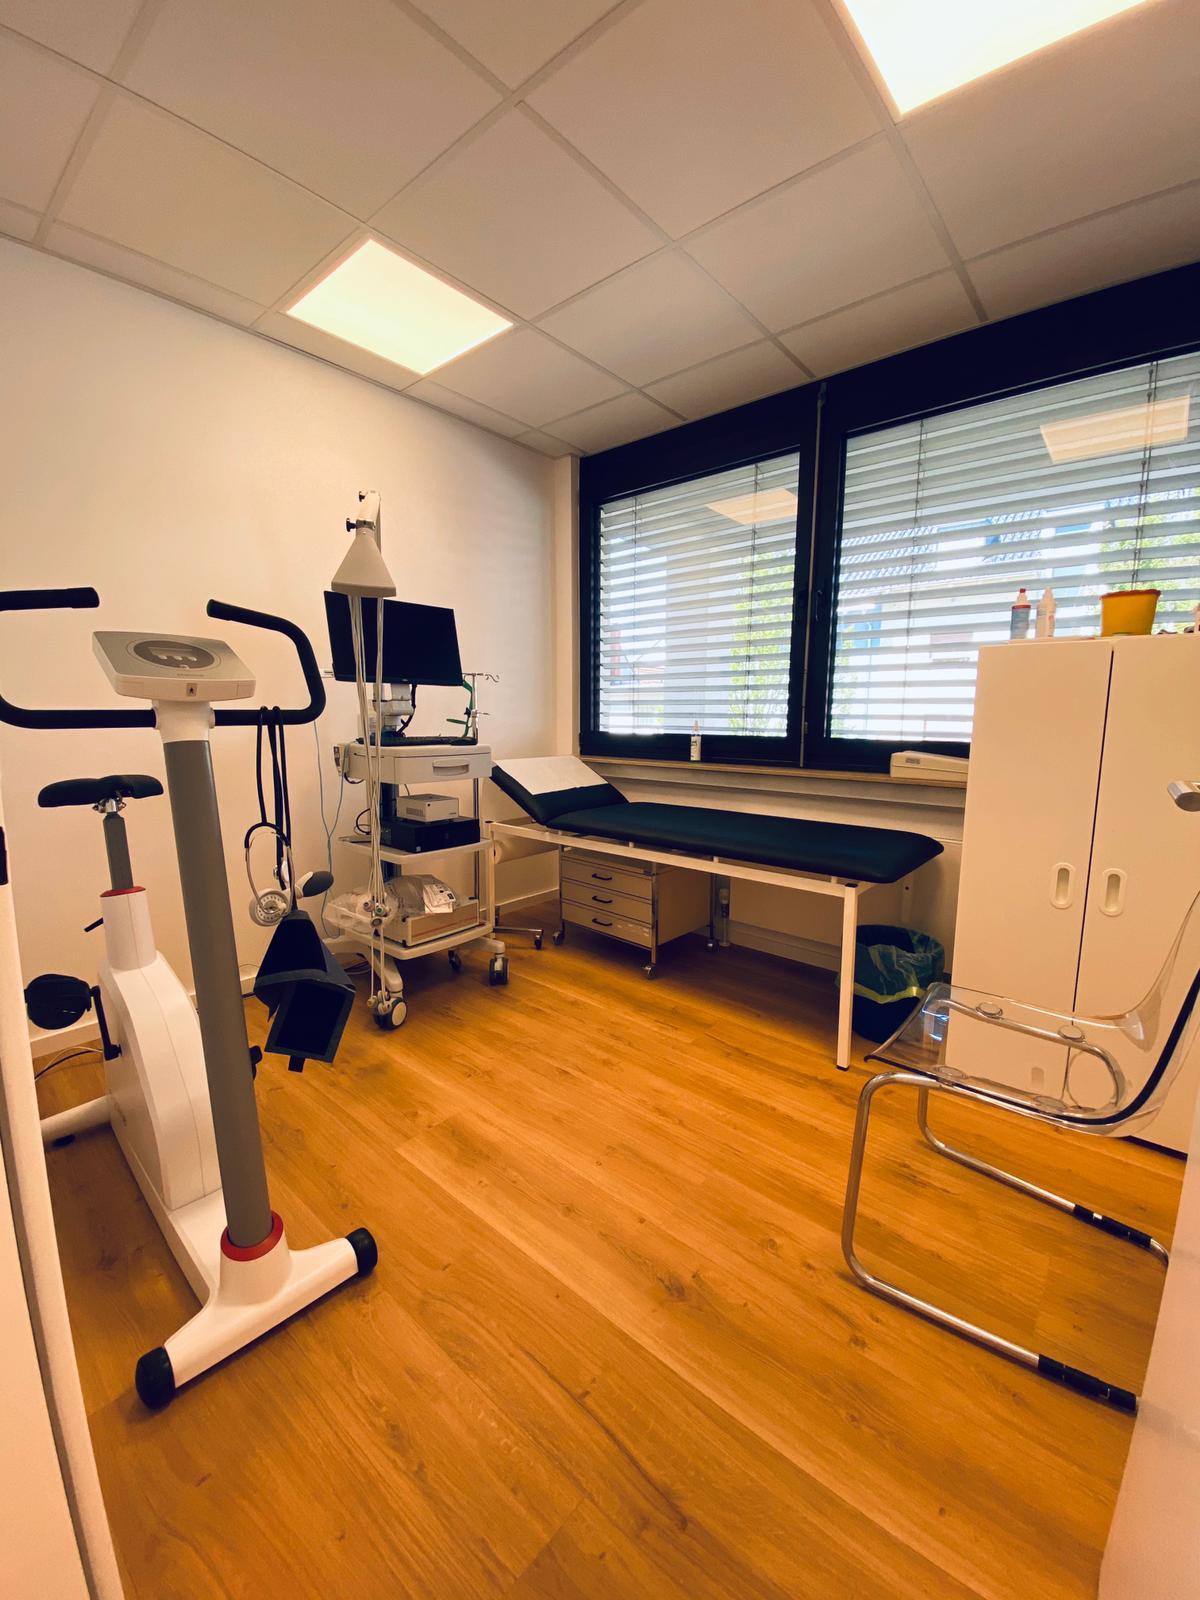 Behandlungszimmer1.jpeg